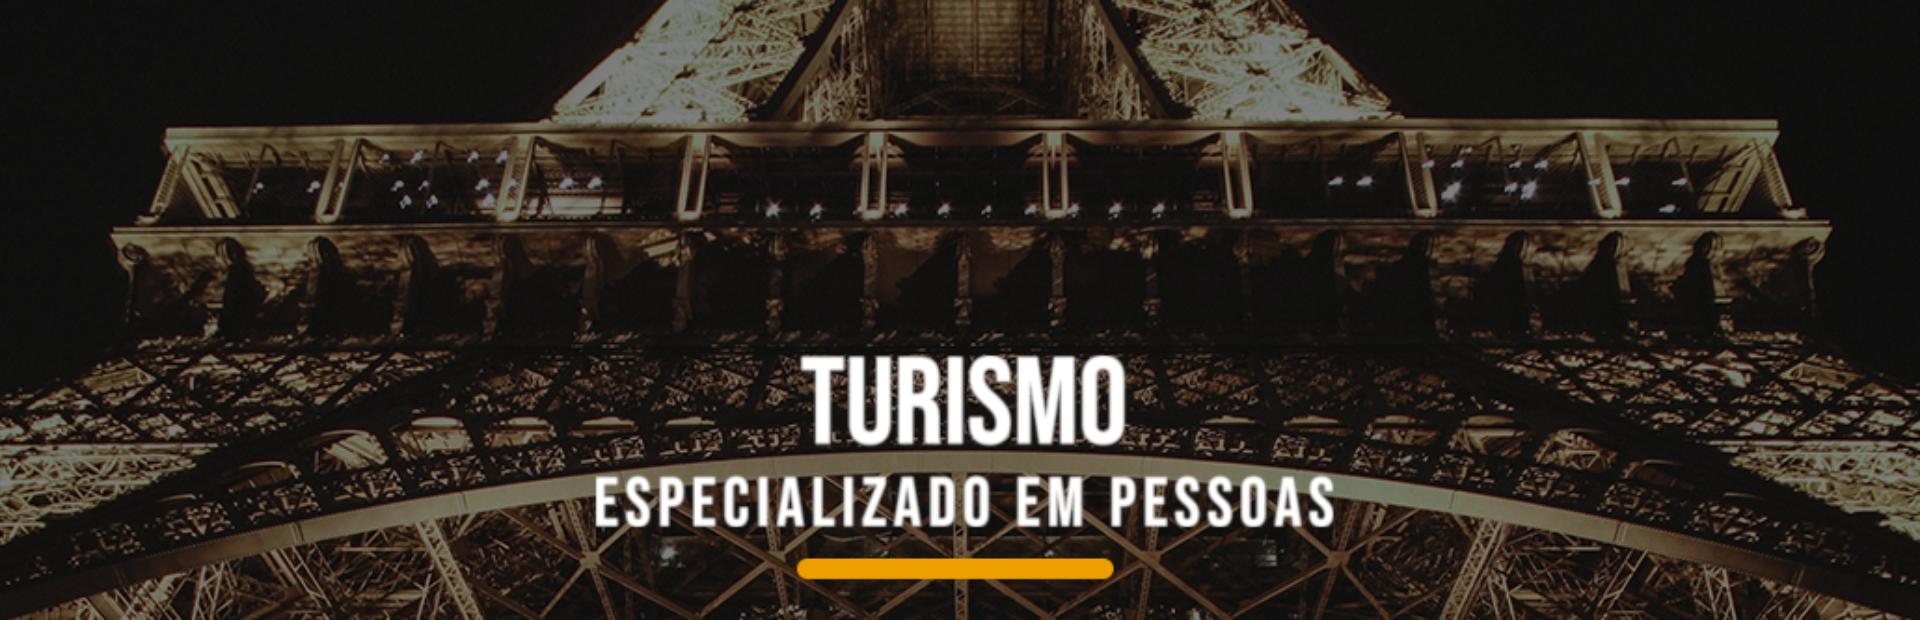 Giramundo Viagens e Turismo